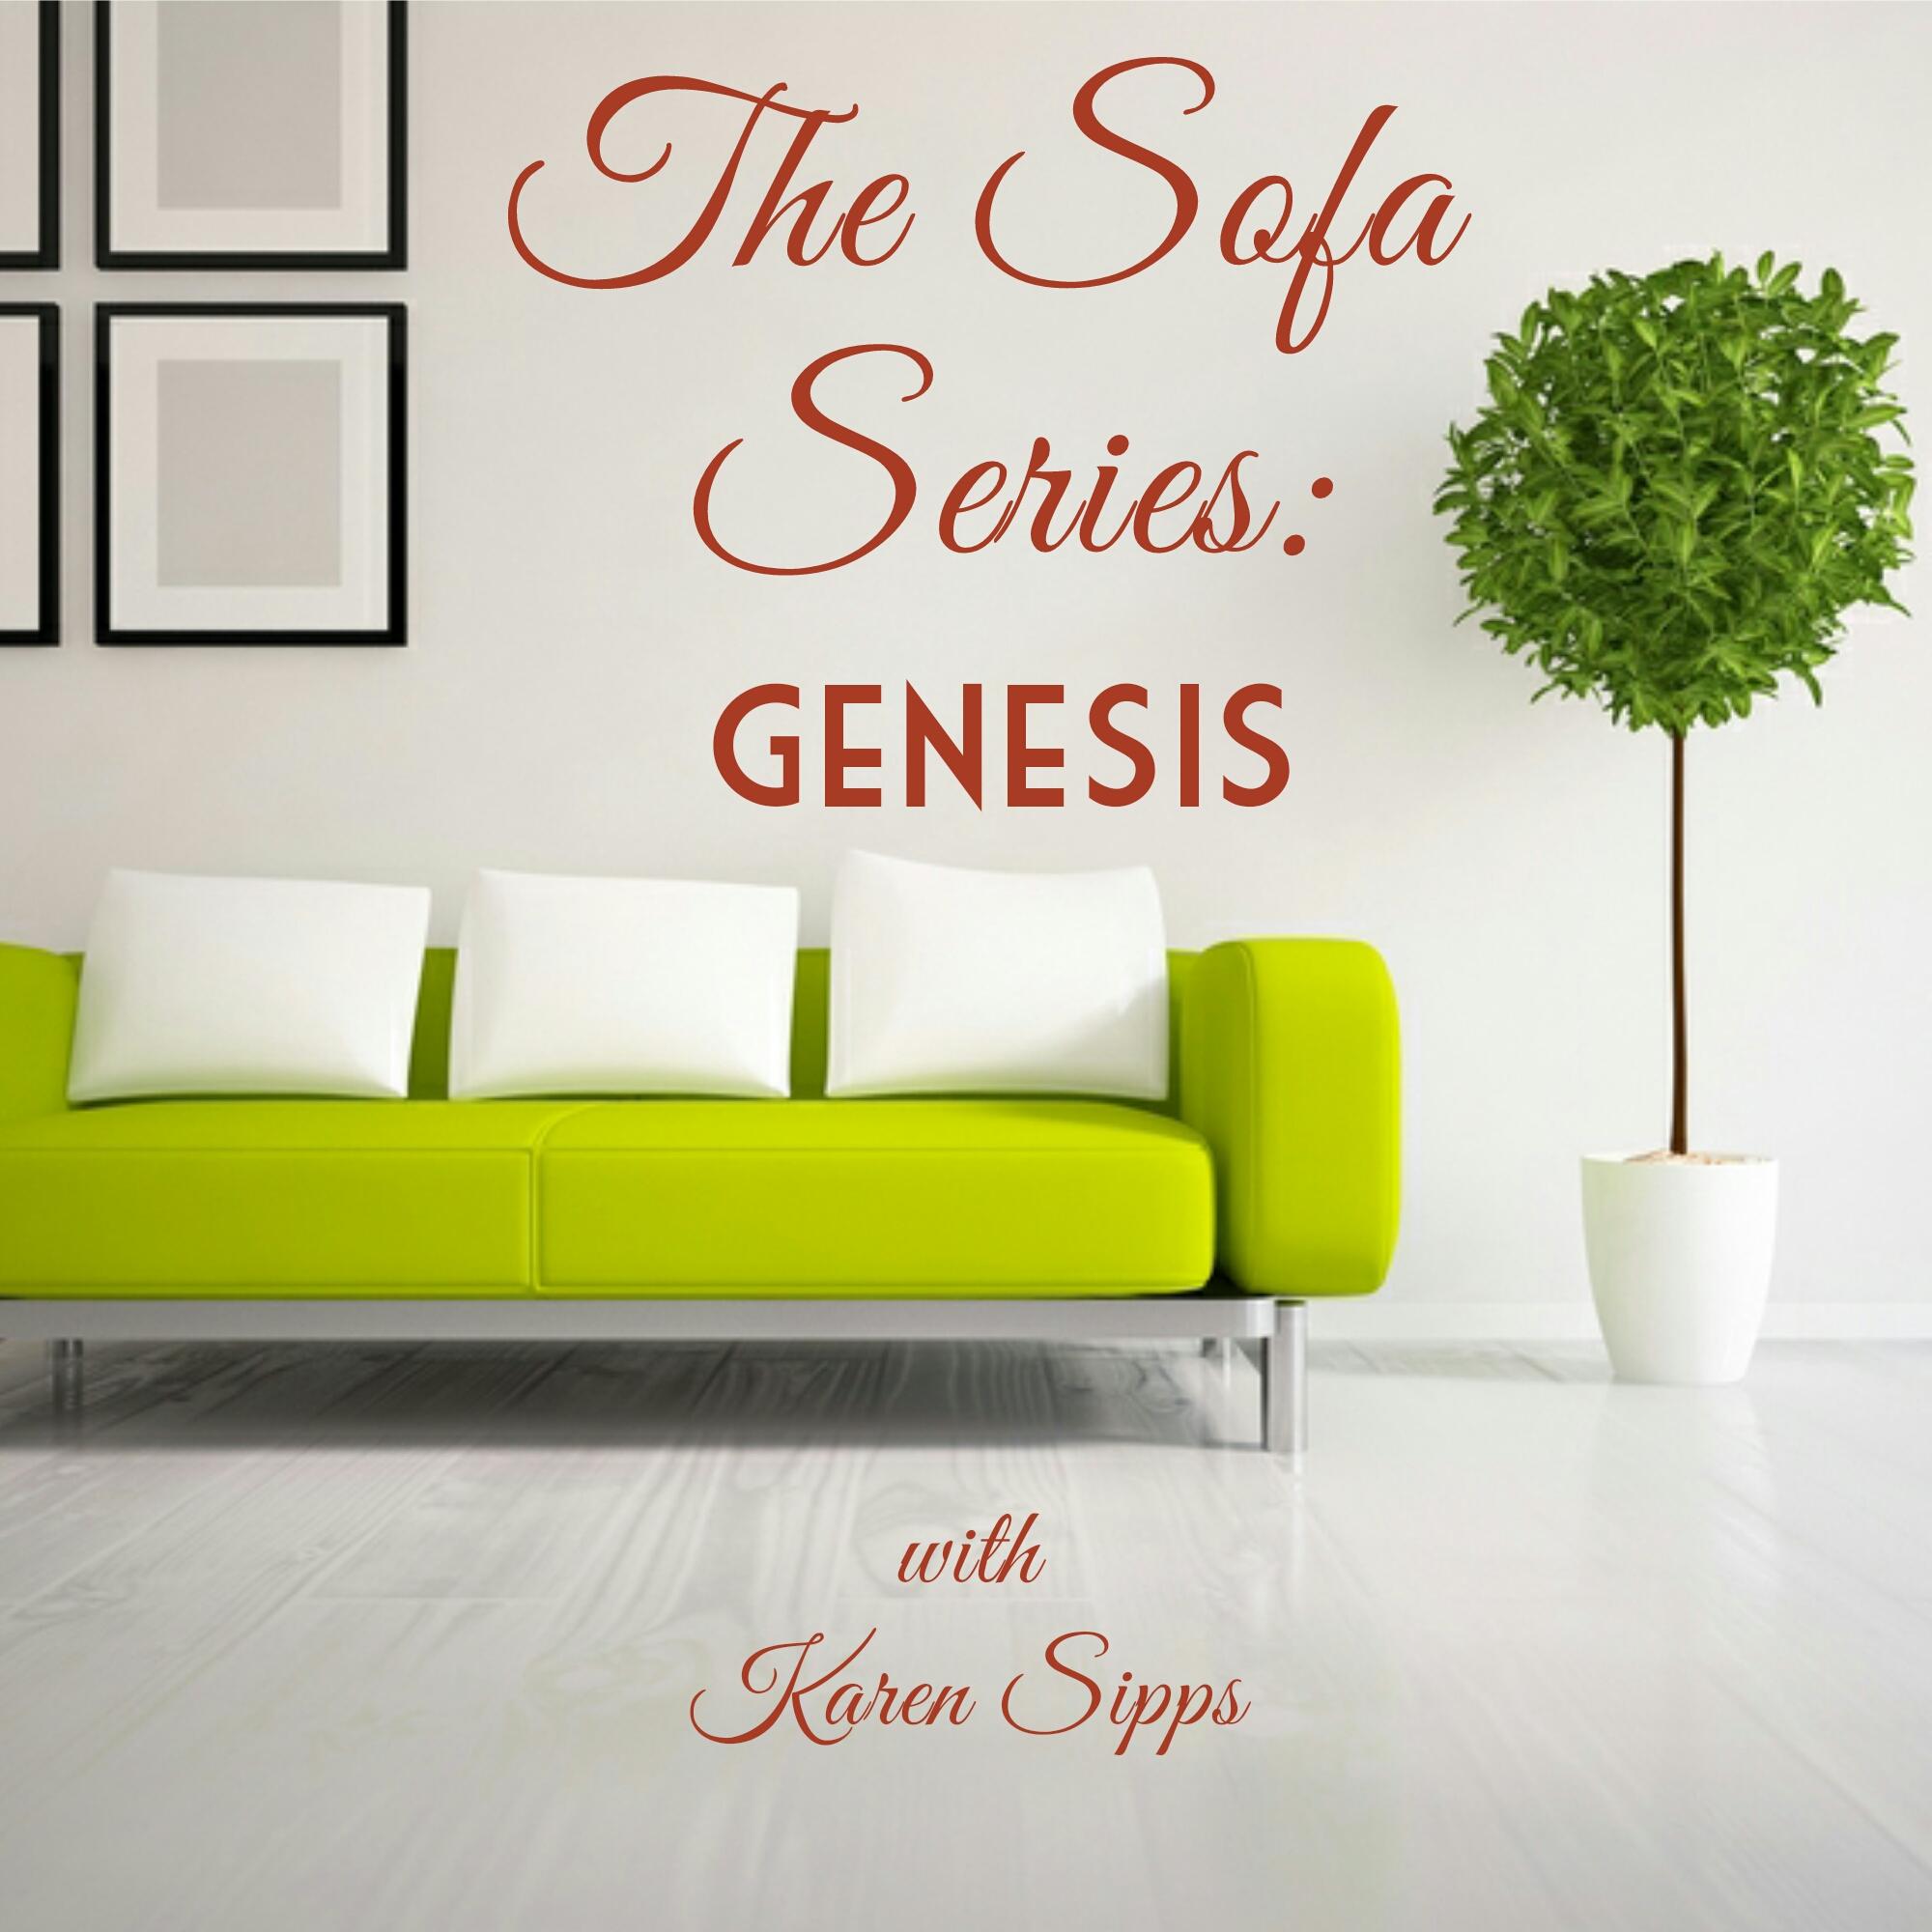 sofa-series-genesis